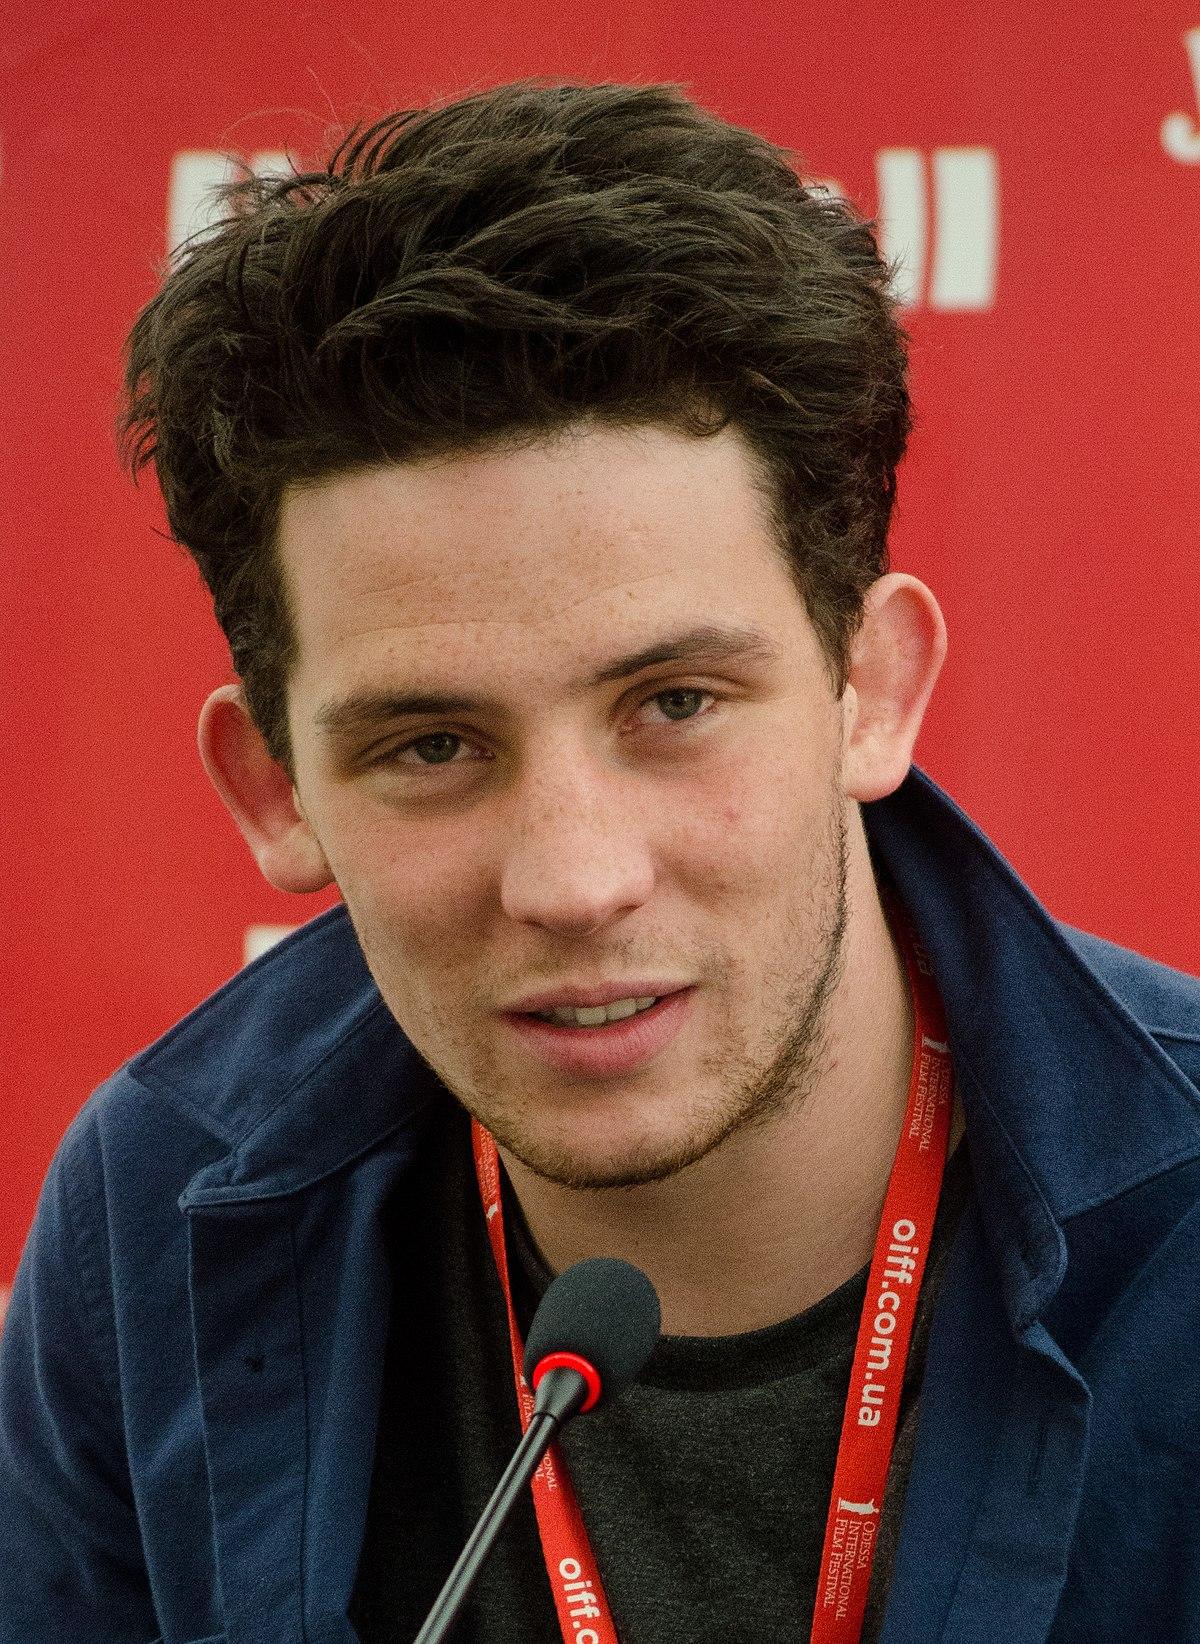 Josh O'Connor